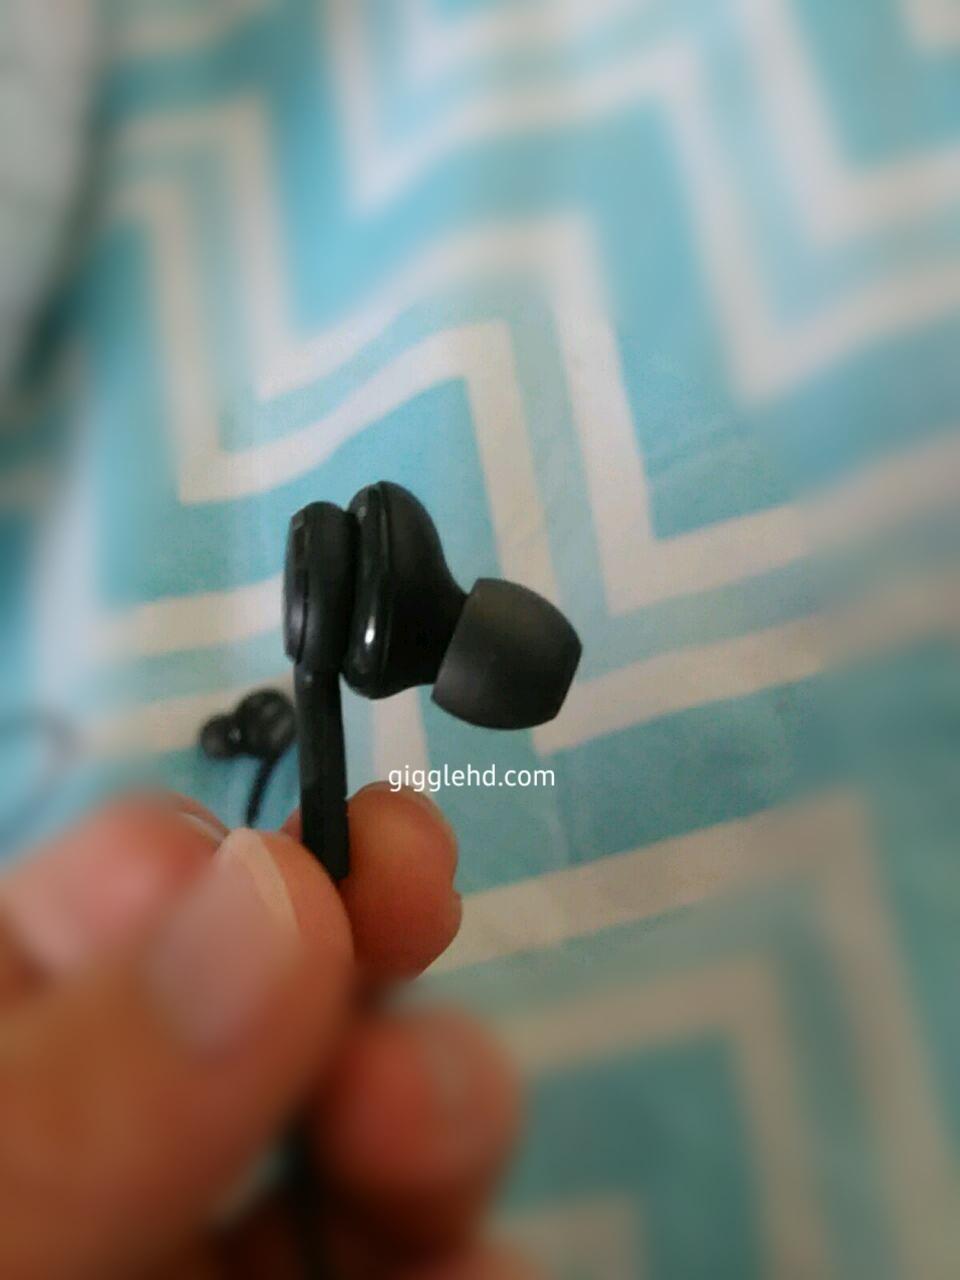 Galaxy S8 AKG headphones leak 4